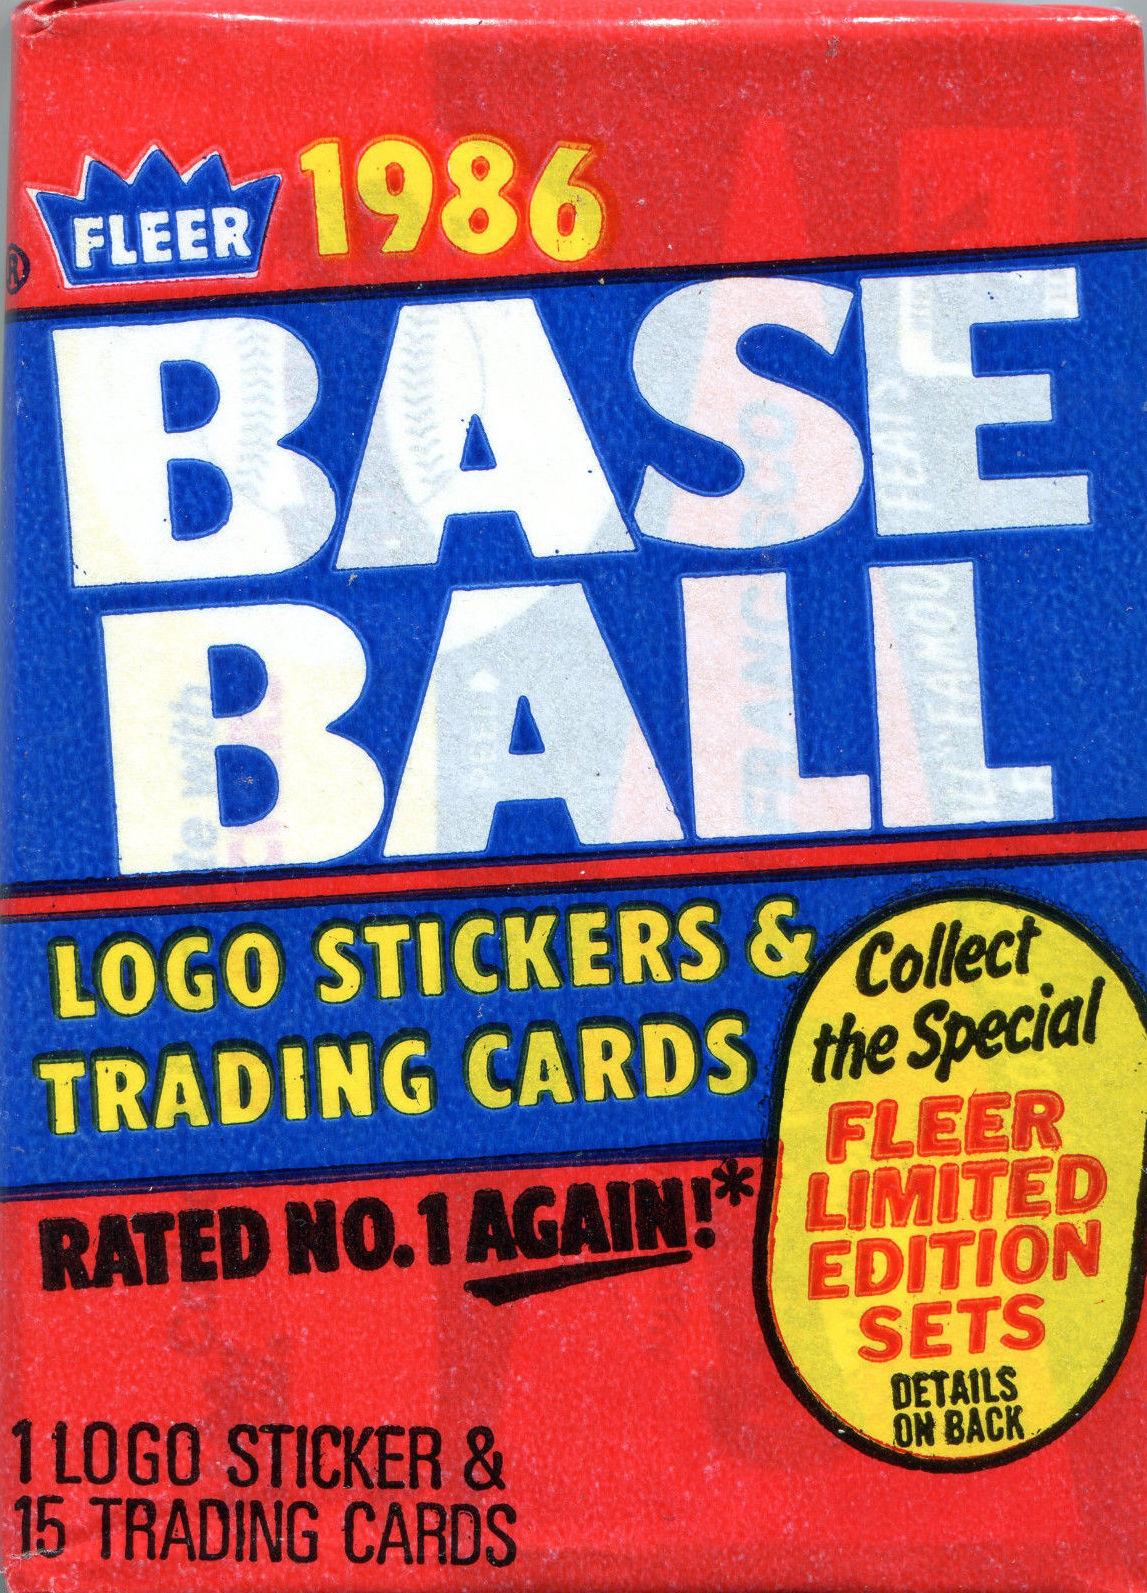 1986 Fleer Baseball Wax Pack